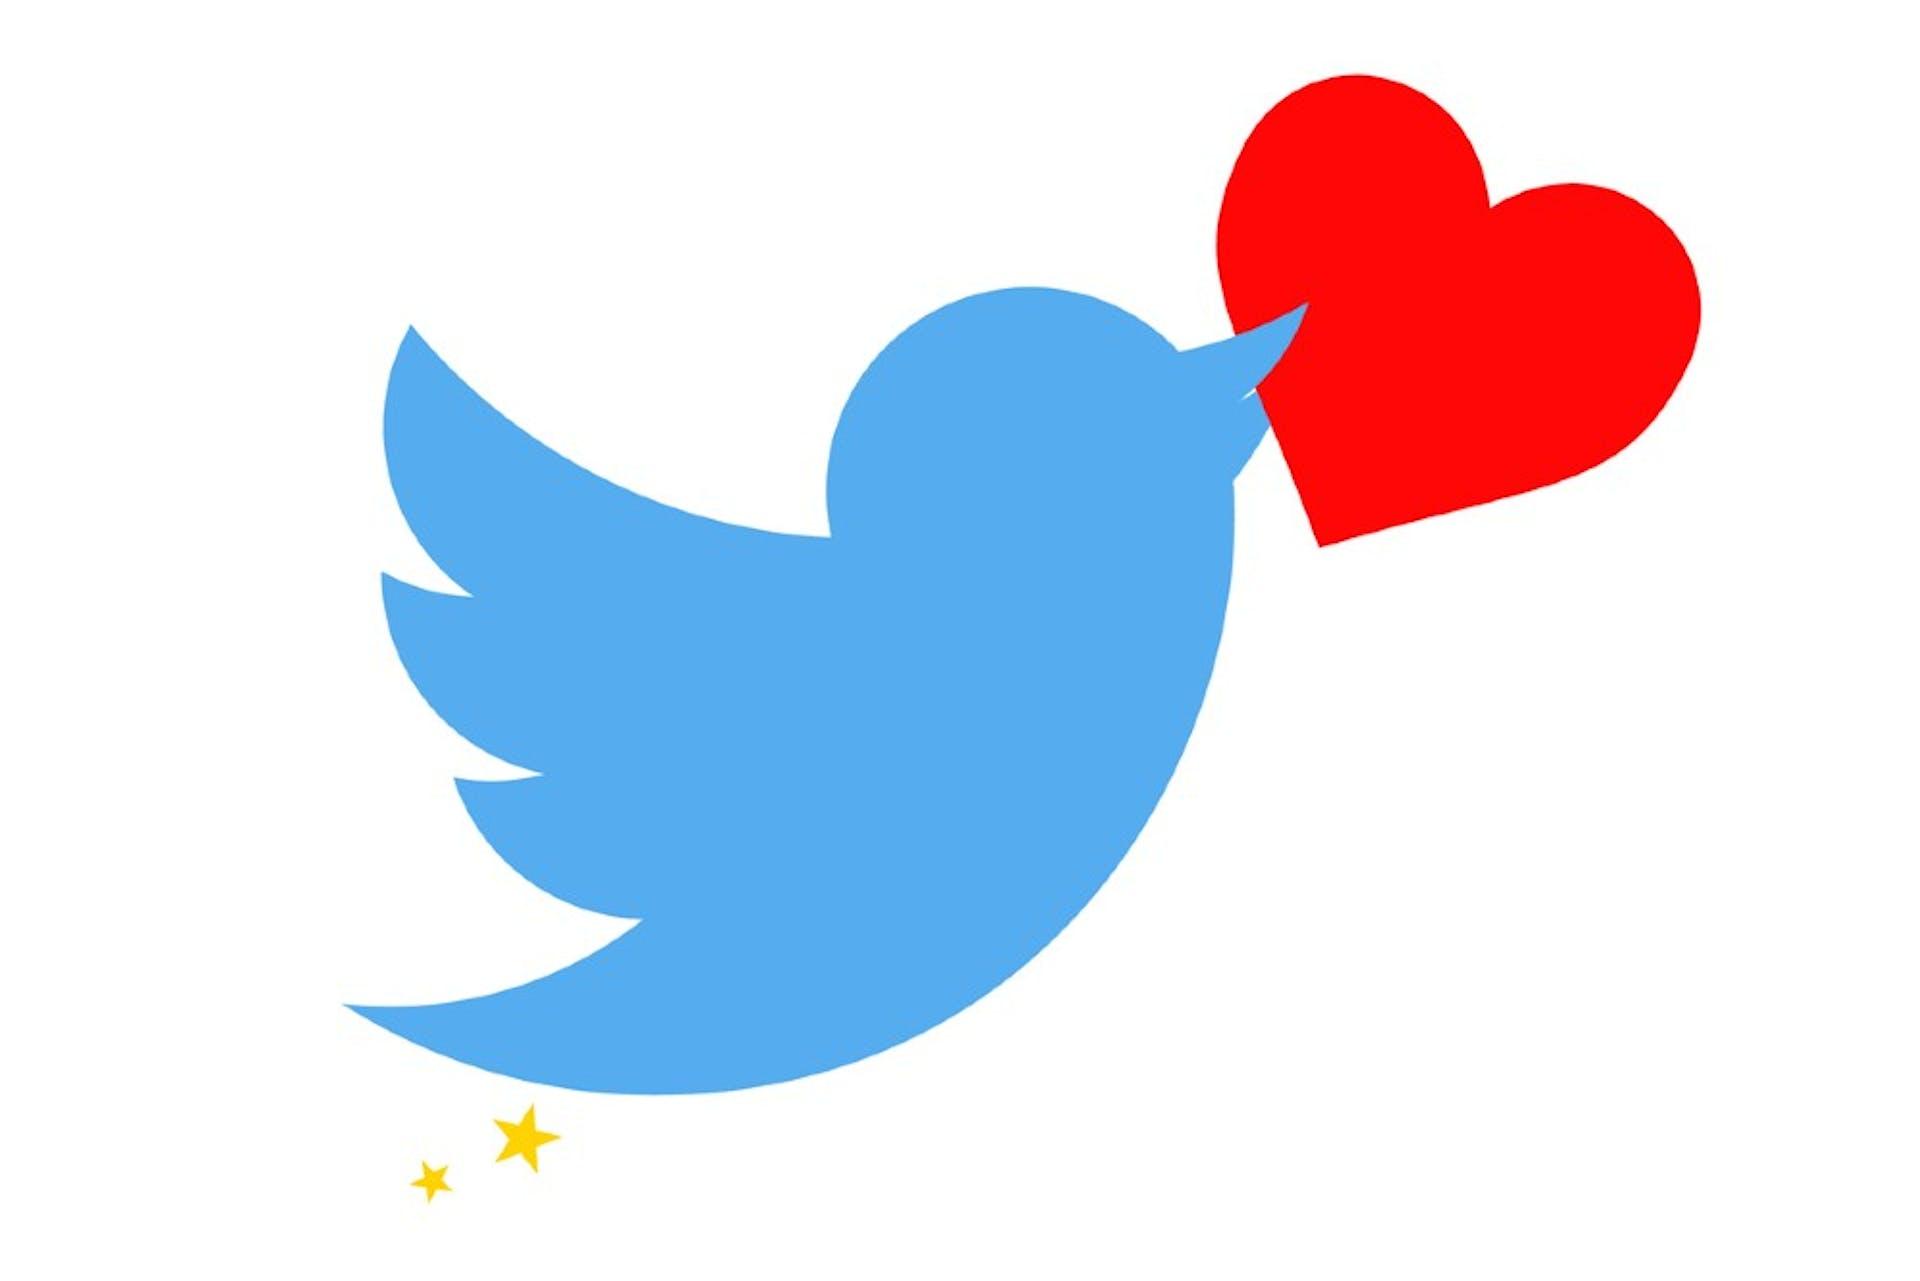 ¿Para qué sirve el fav en Twitter? Asegura visibilidad para tu contenido en Twitter